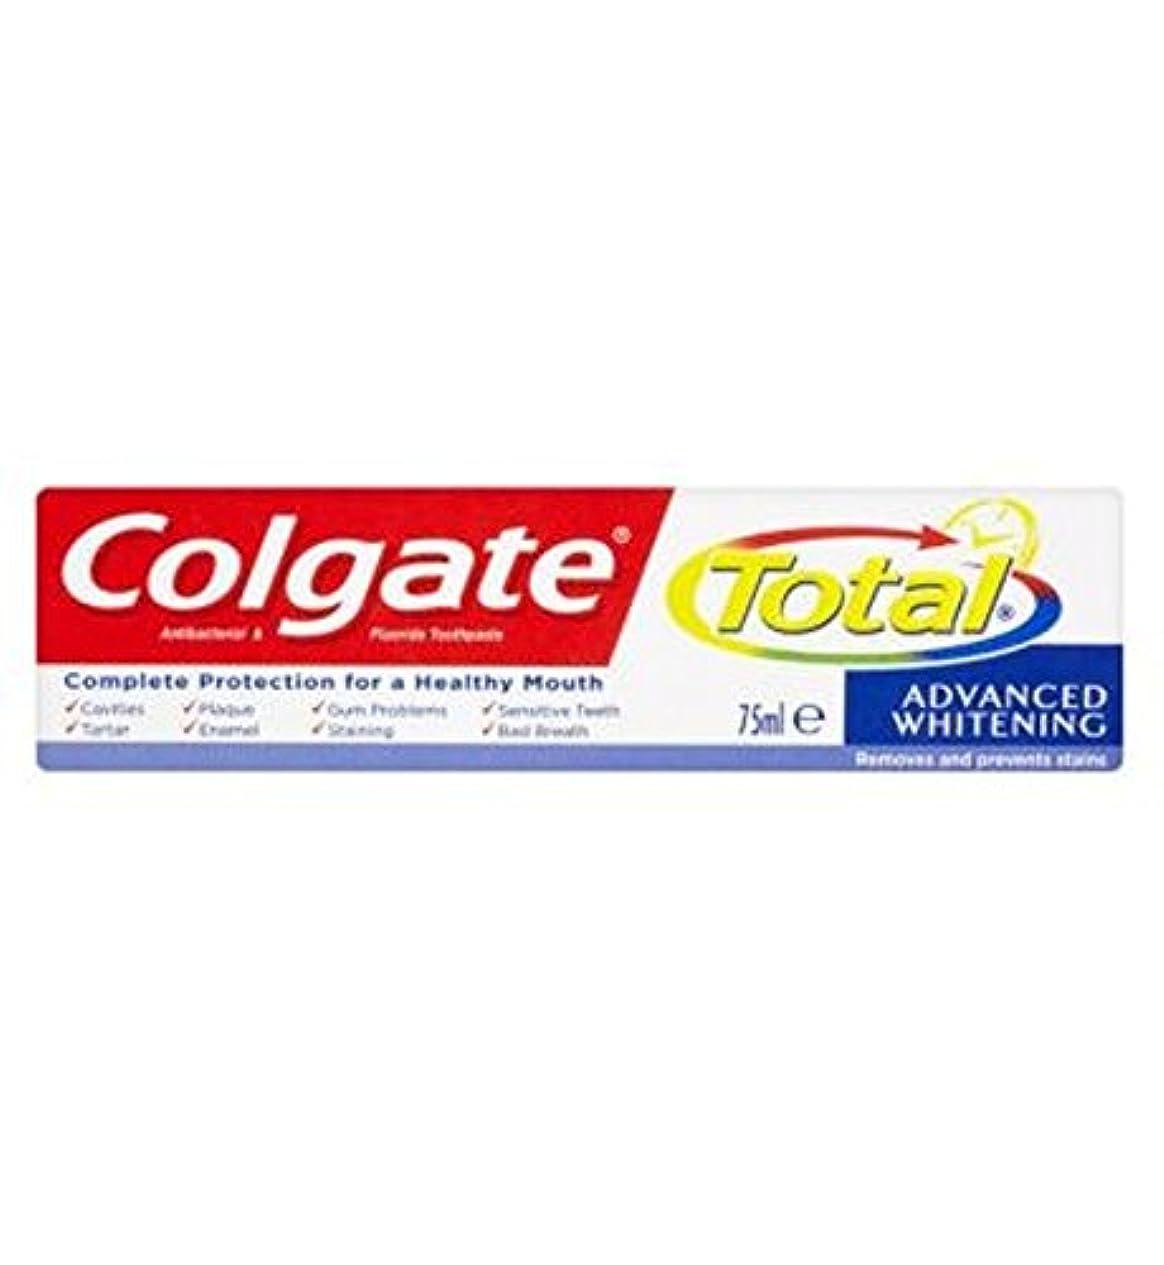 牧師地元豚コルゲートトータル高度なホワイトニング歯磨き粉75ミリリットル (Colgate) (x2) - Colgate Total Advanced Whitening toothpaste 75ml (Pack of 2) [並行輸入品]